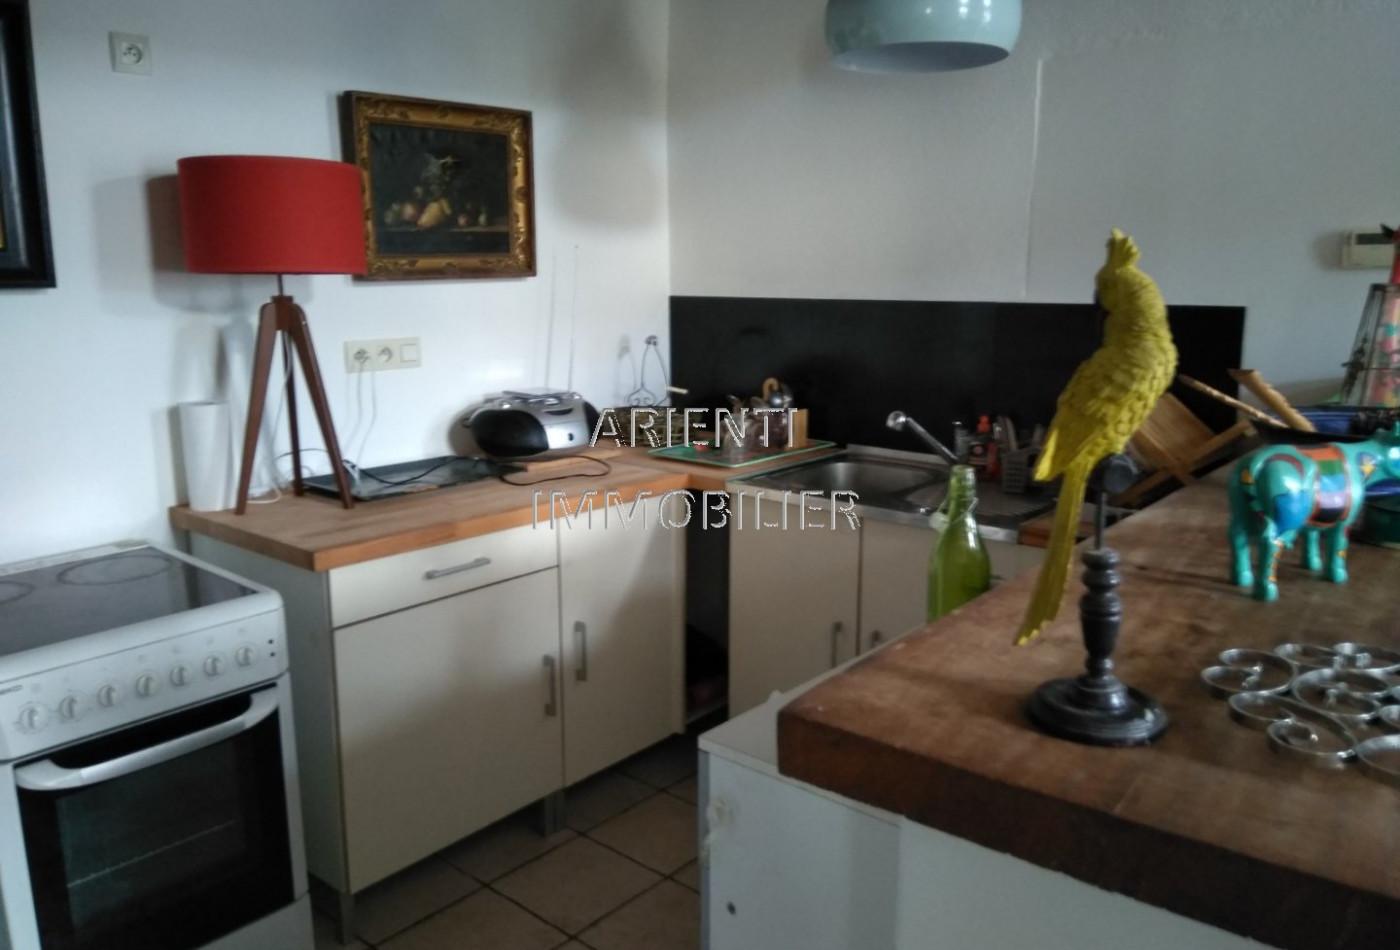 A vendre  Dieulefit | Réf 260013277 - Office immobilier arienti